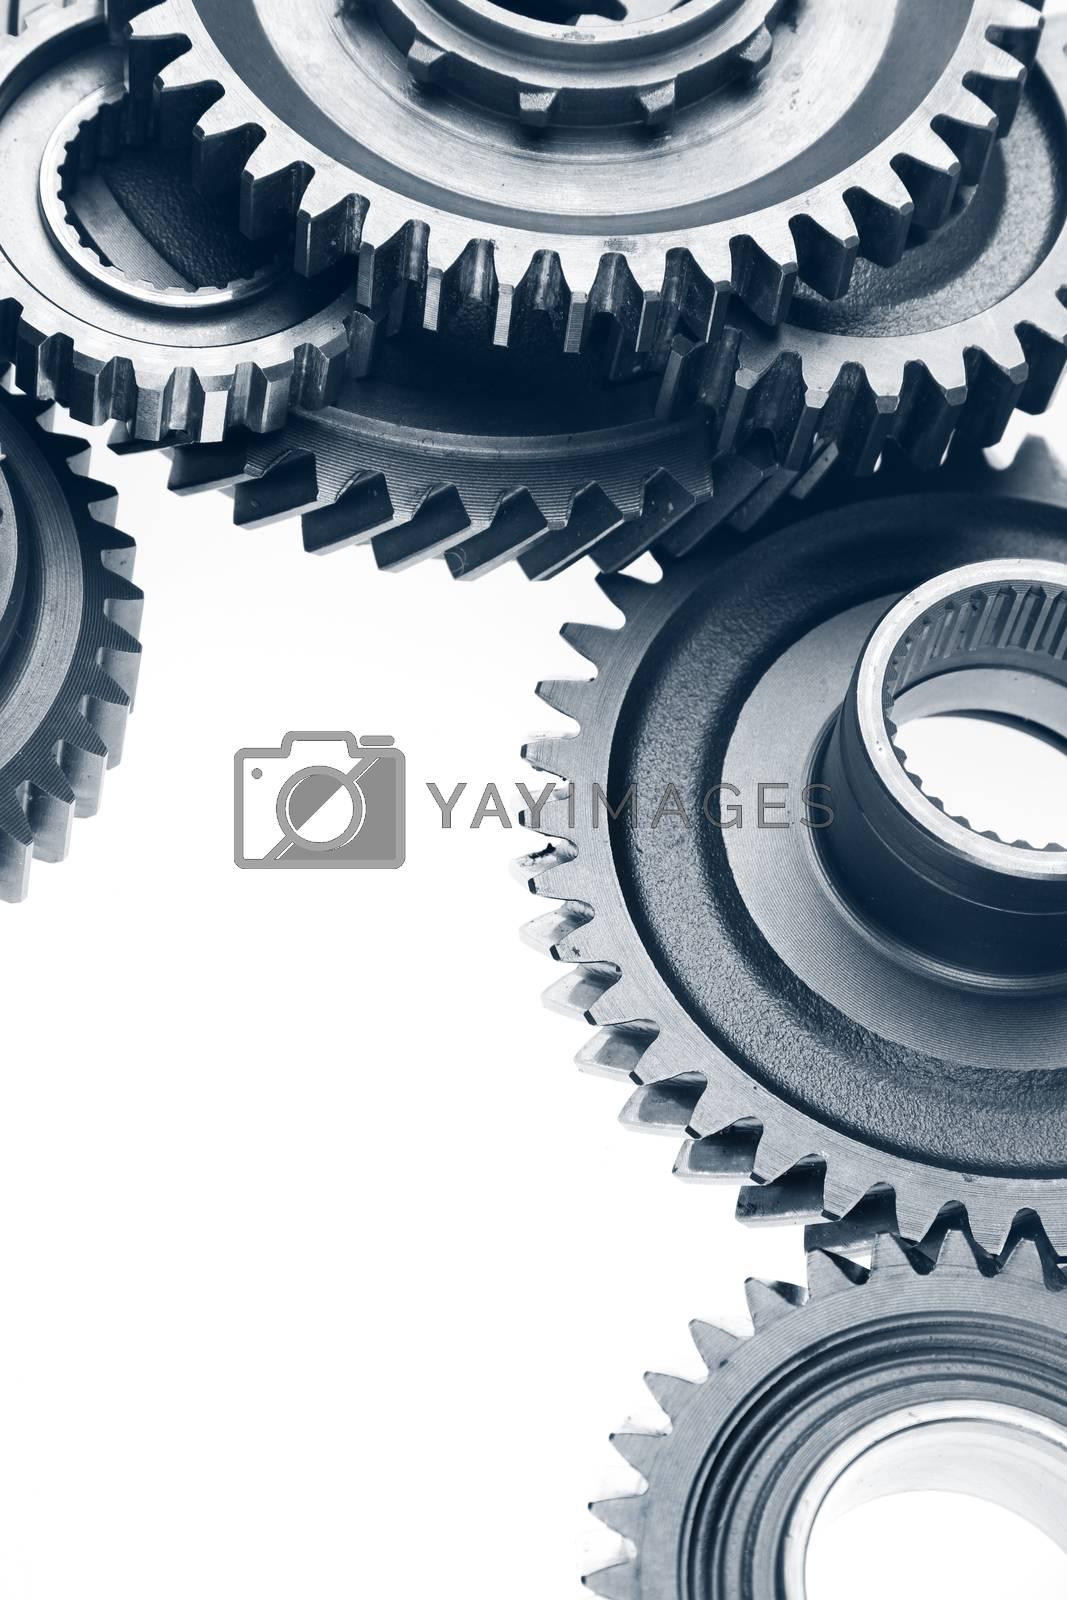 Metal cog gears bonding together on plain background